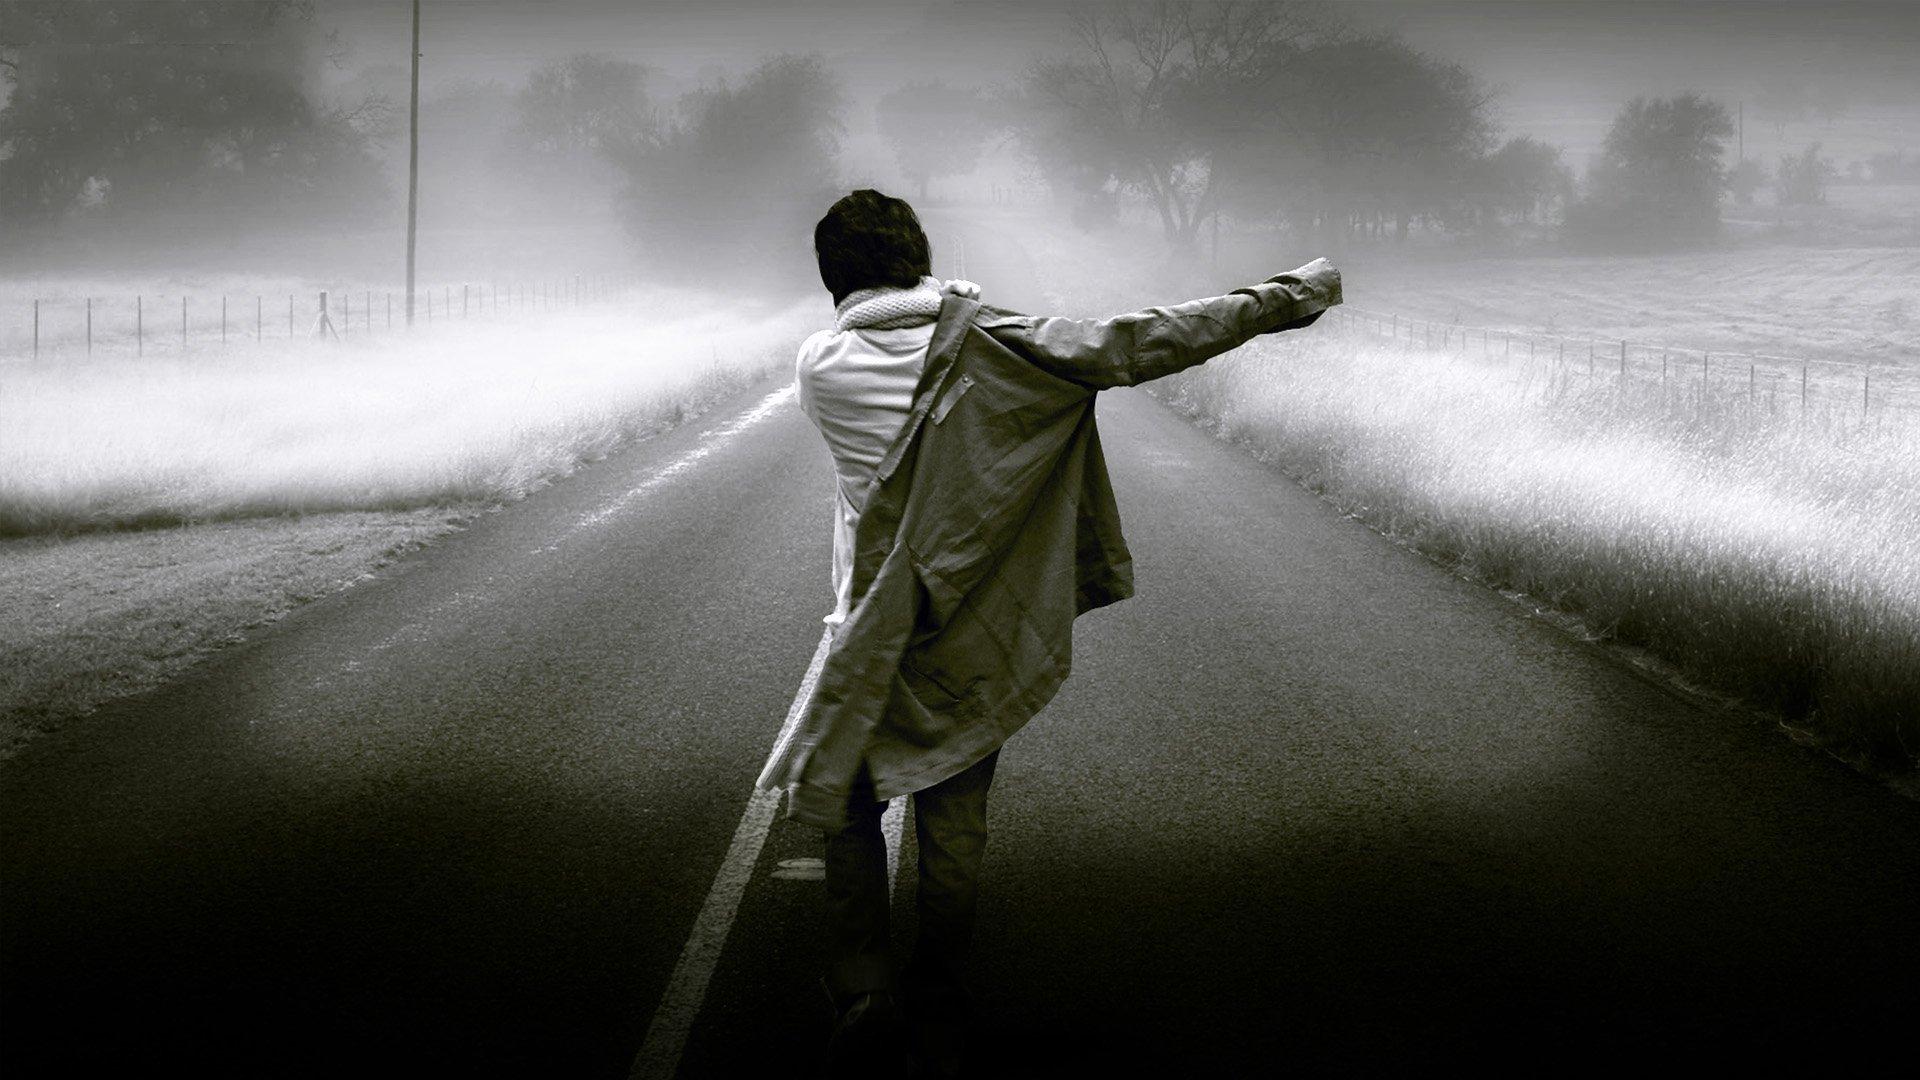 Walking Alone 895201 - WallDevil